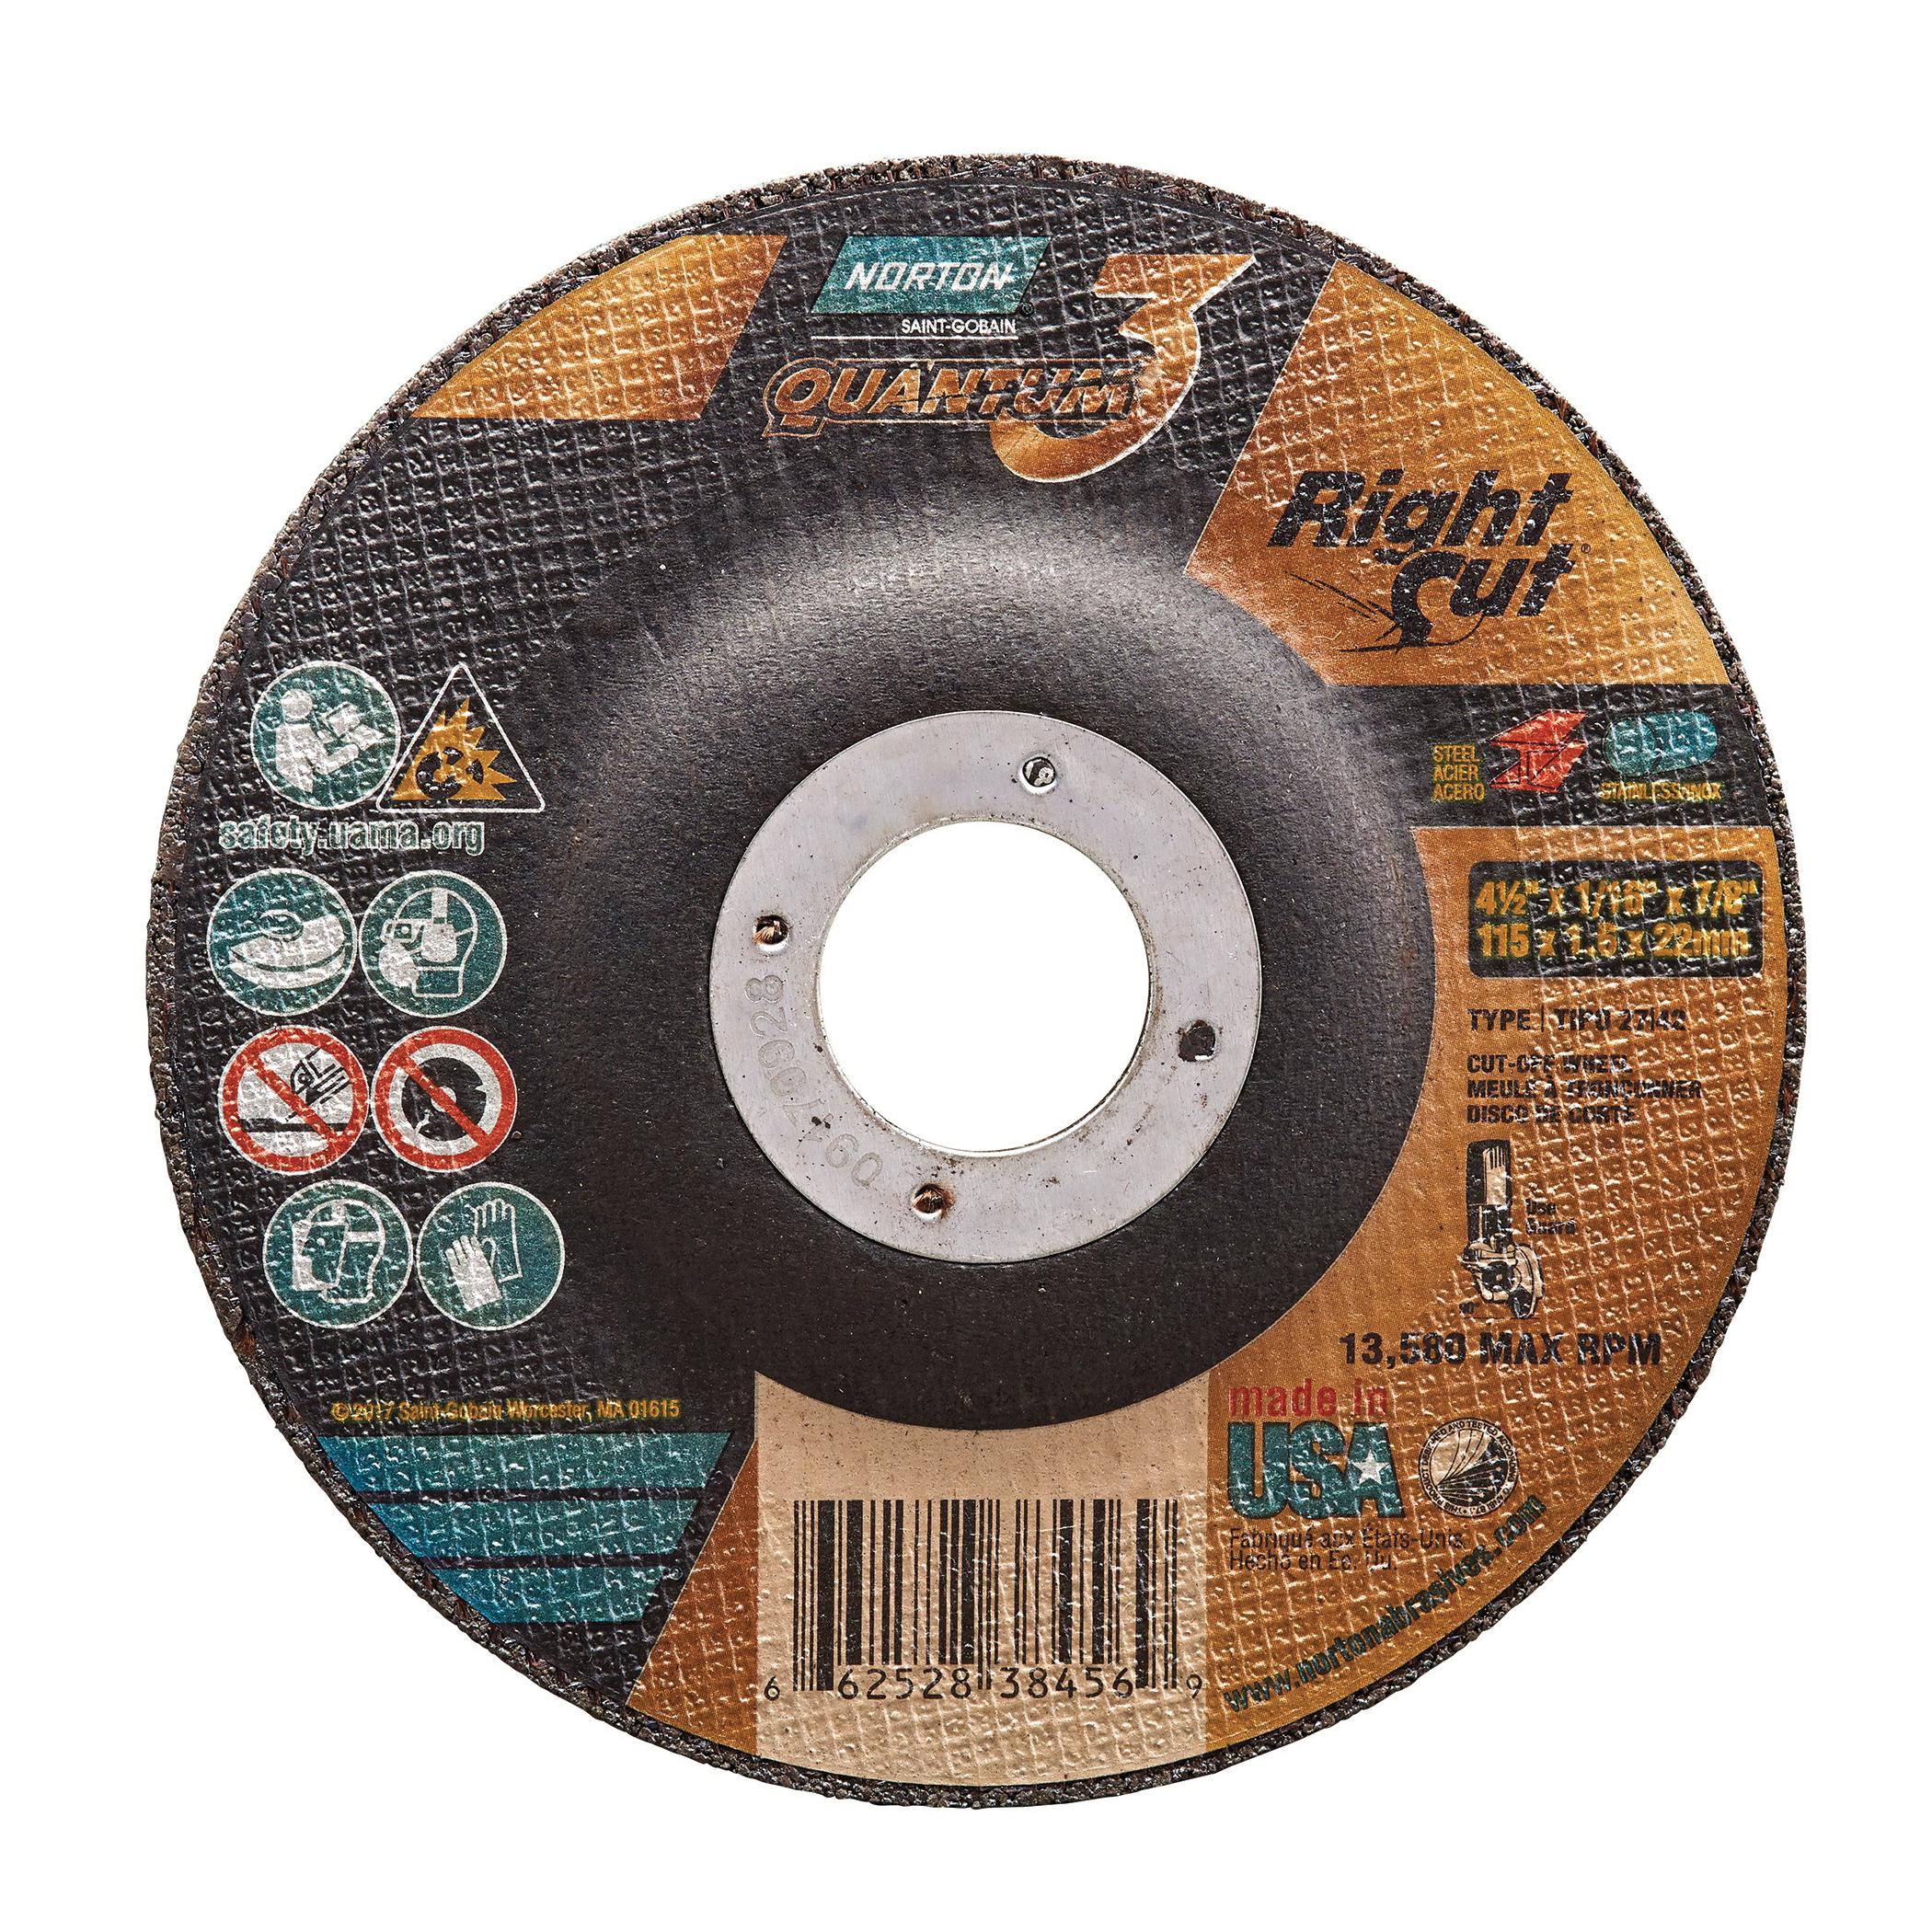 Norton® Quantum™3 66252838456 Depressed Center Wheel, 4-1/2 in Dia x 1/16 in THK, 7/8 in Center Hole, 36 Grit, Ceramic Alumina Abrasive